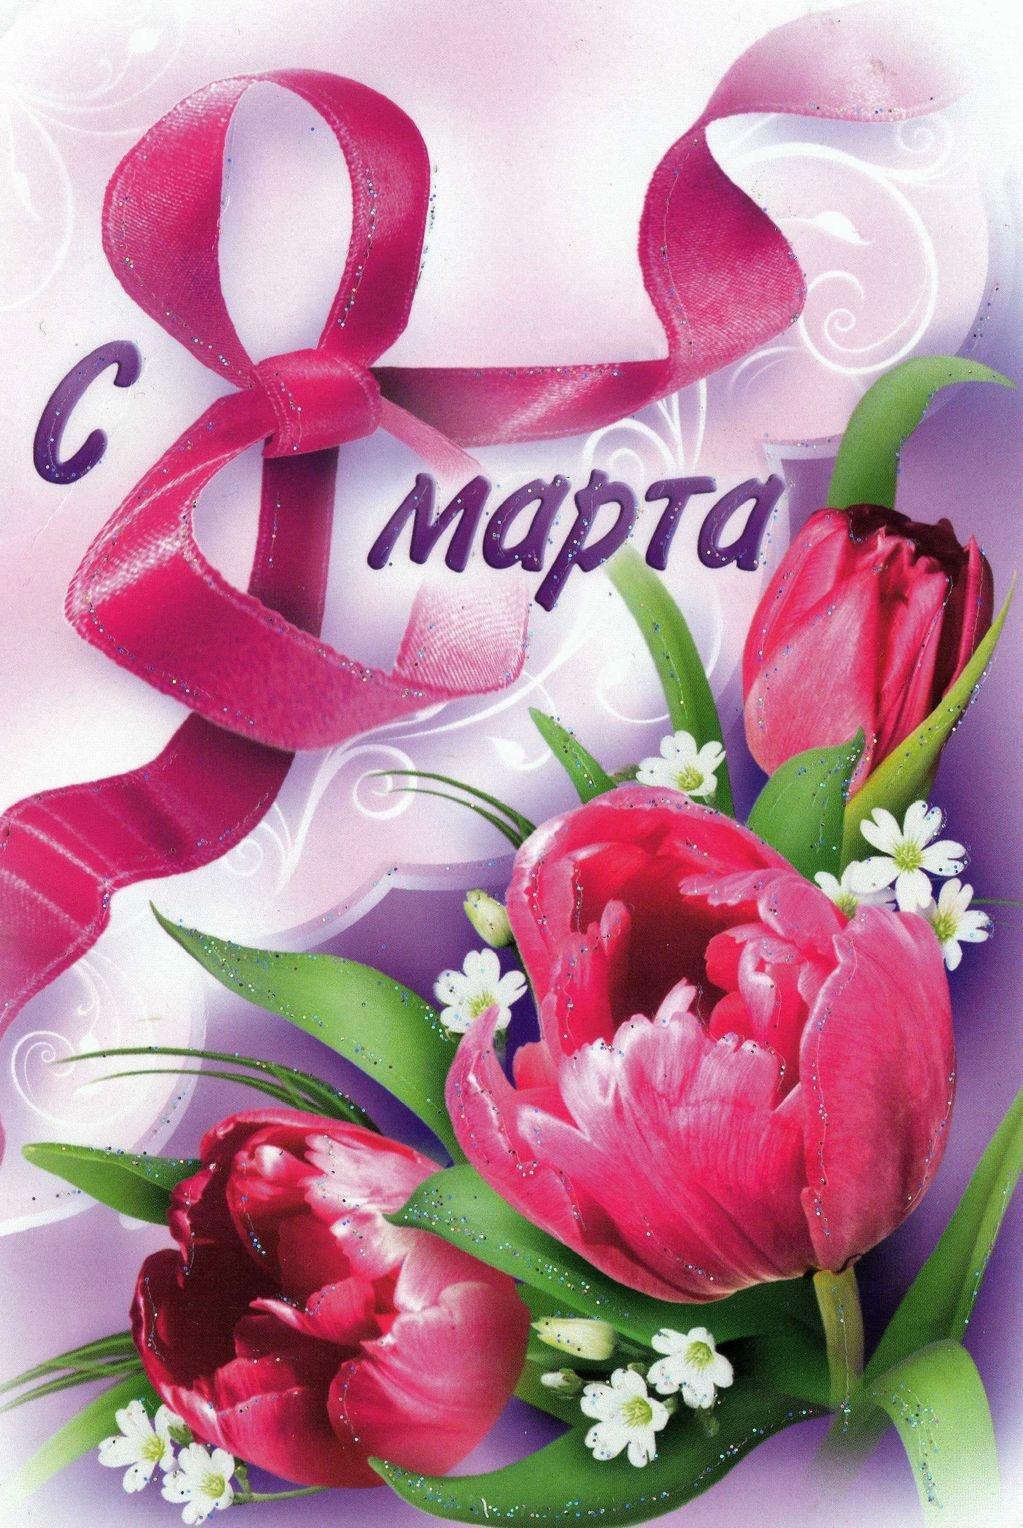 Открытки праздничные к 8 март, спасибо дорогая очень